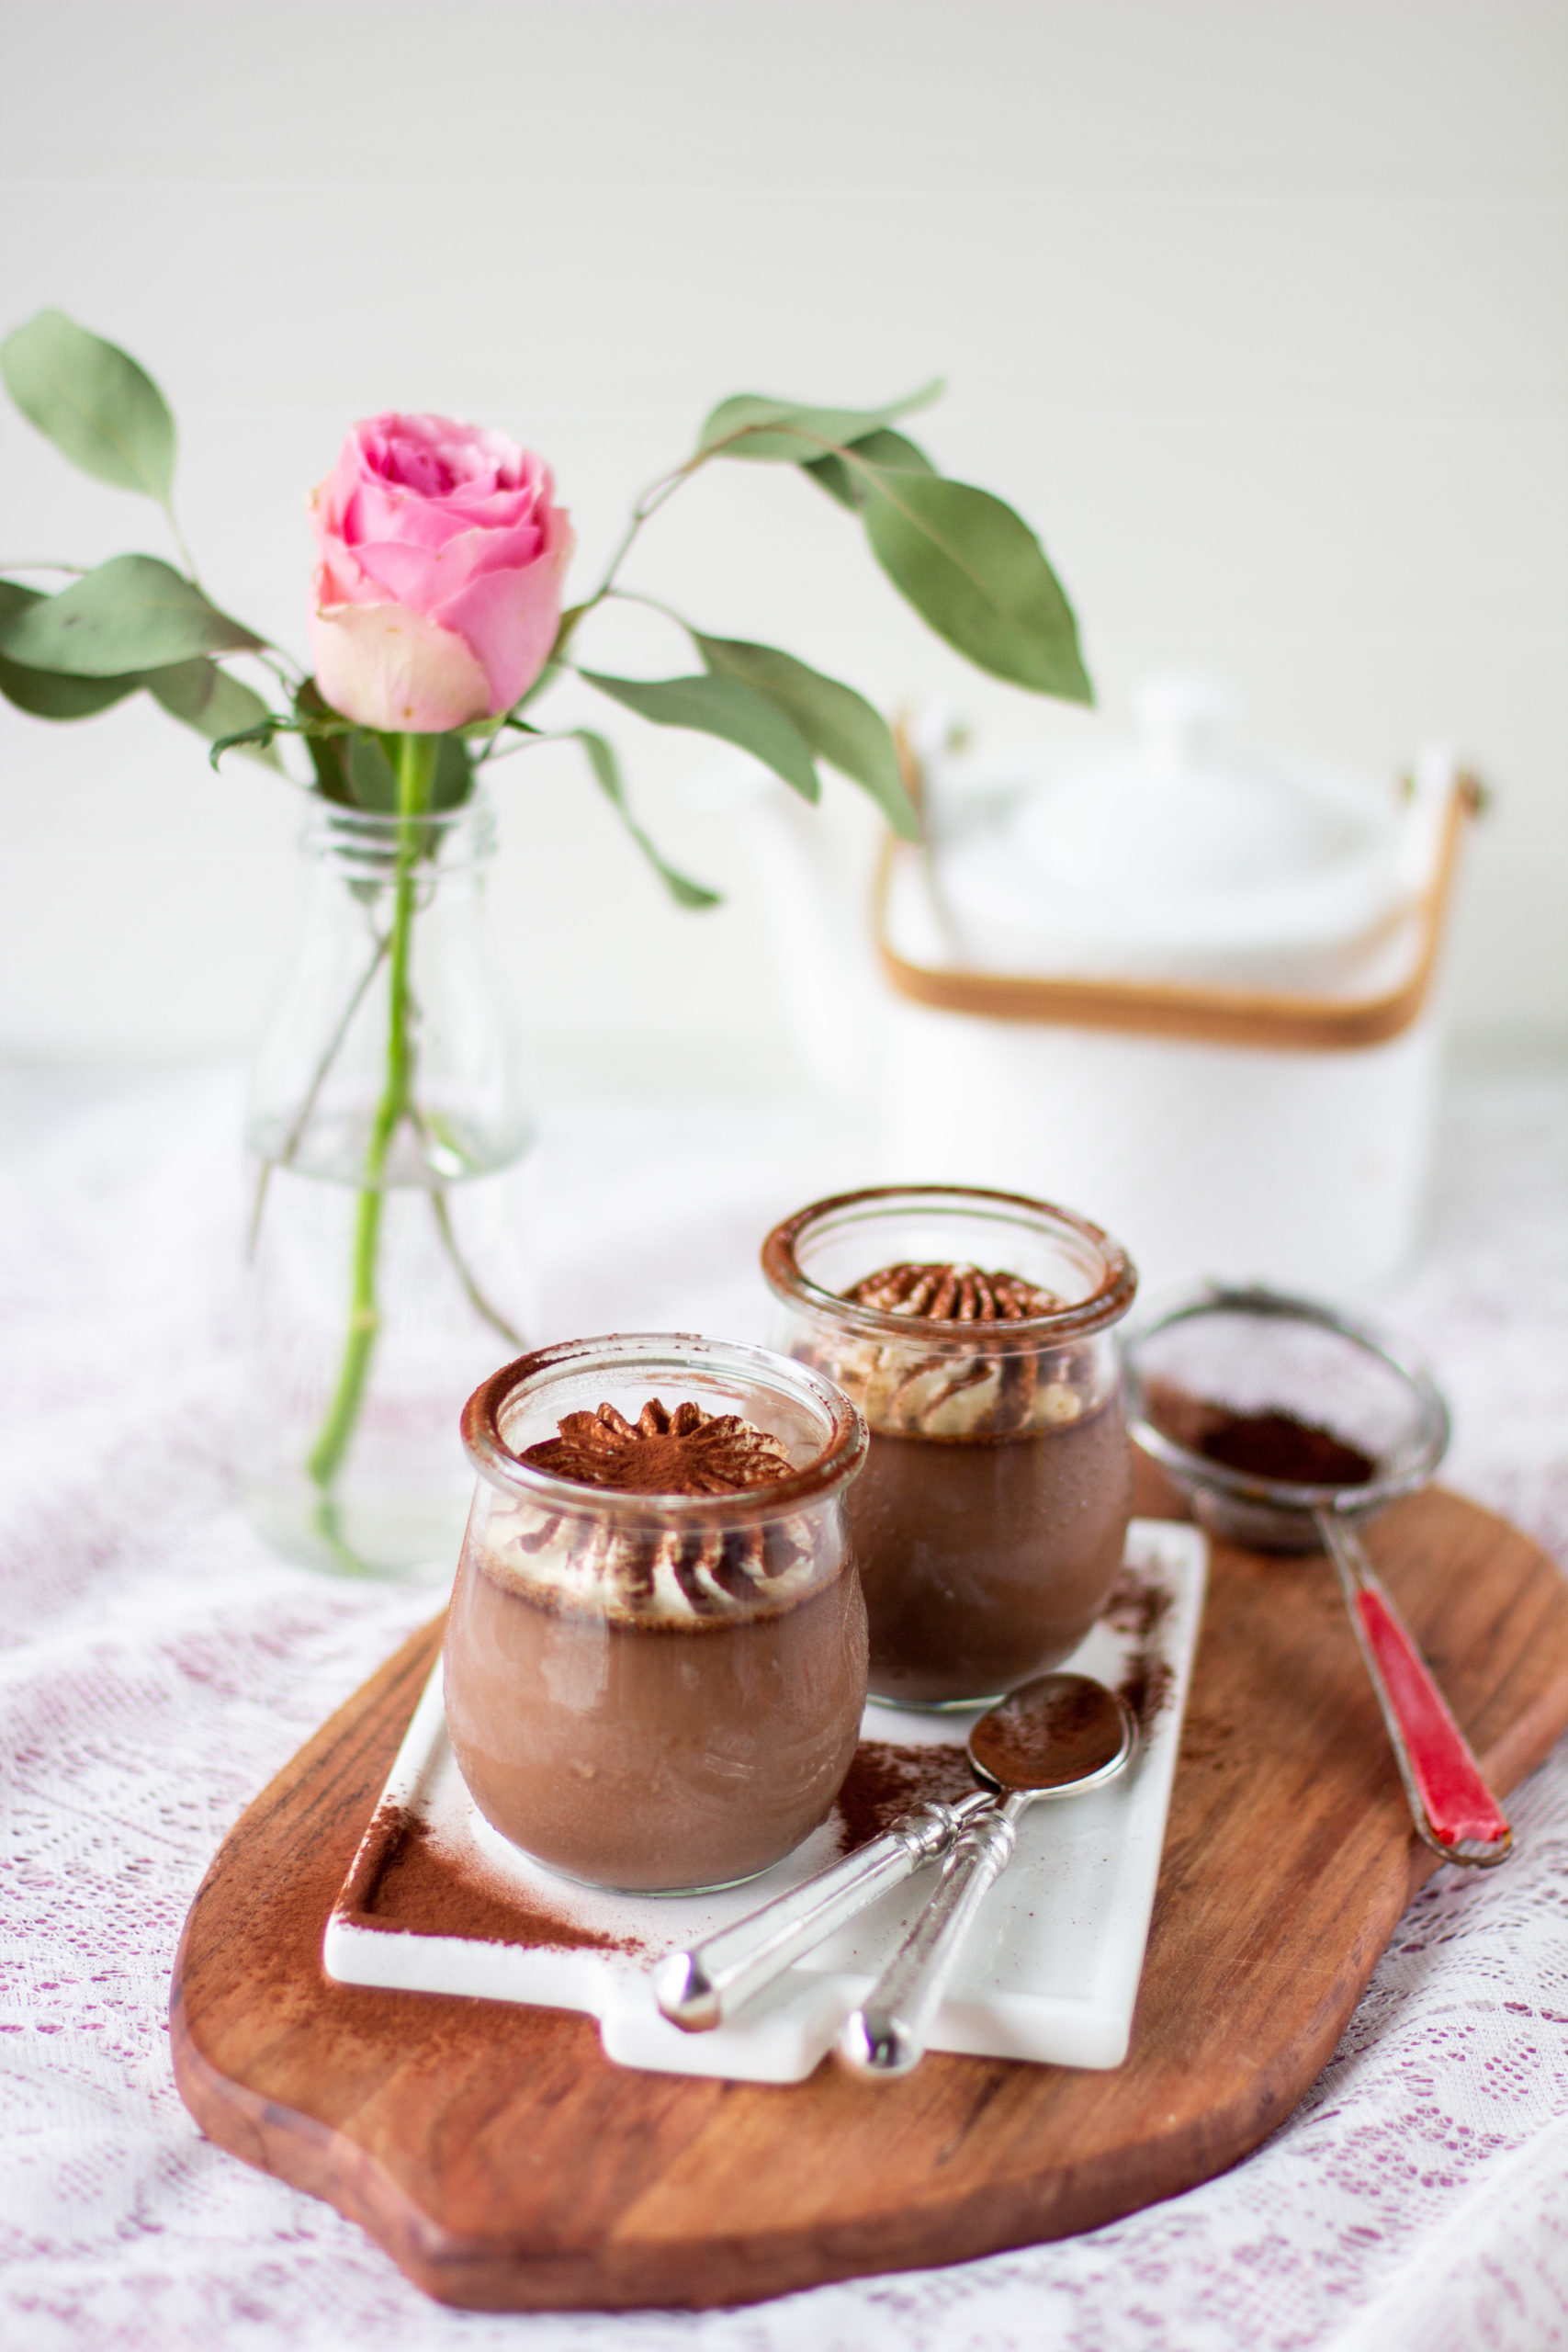 Nopeasti ja helposti valmistuva suklaa panna cotta on herkullinen jälkiruoka